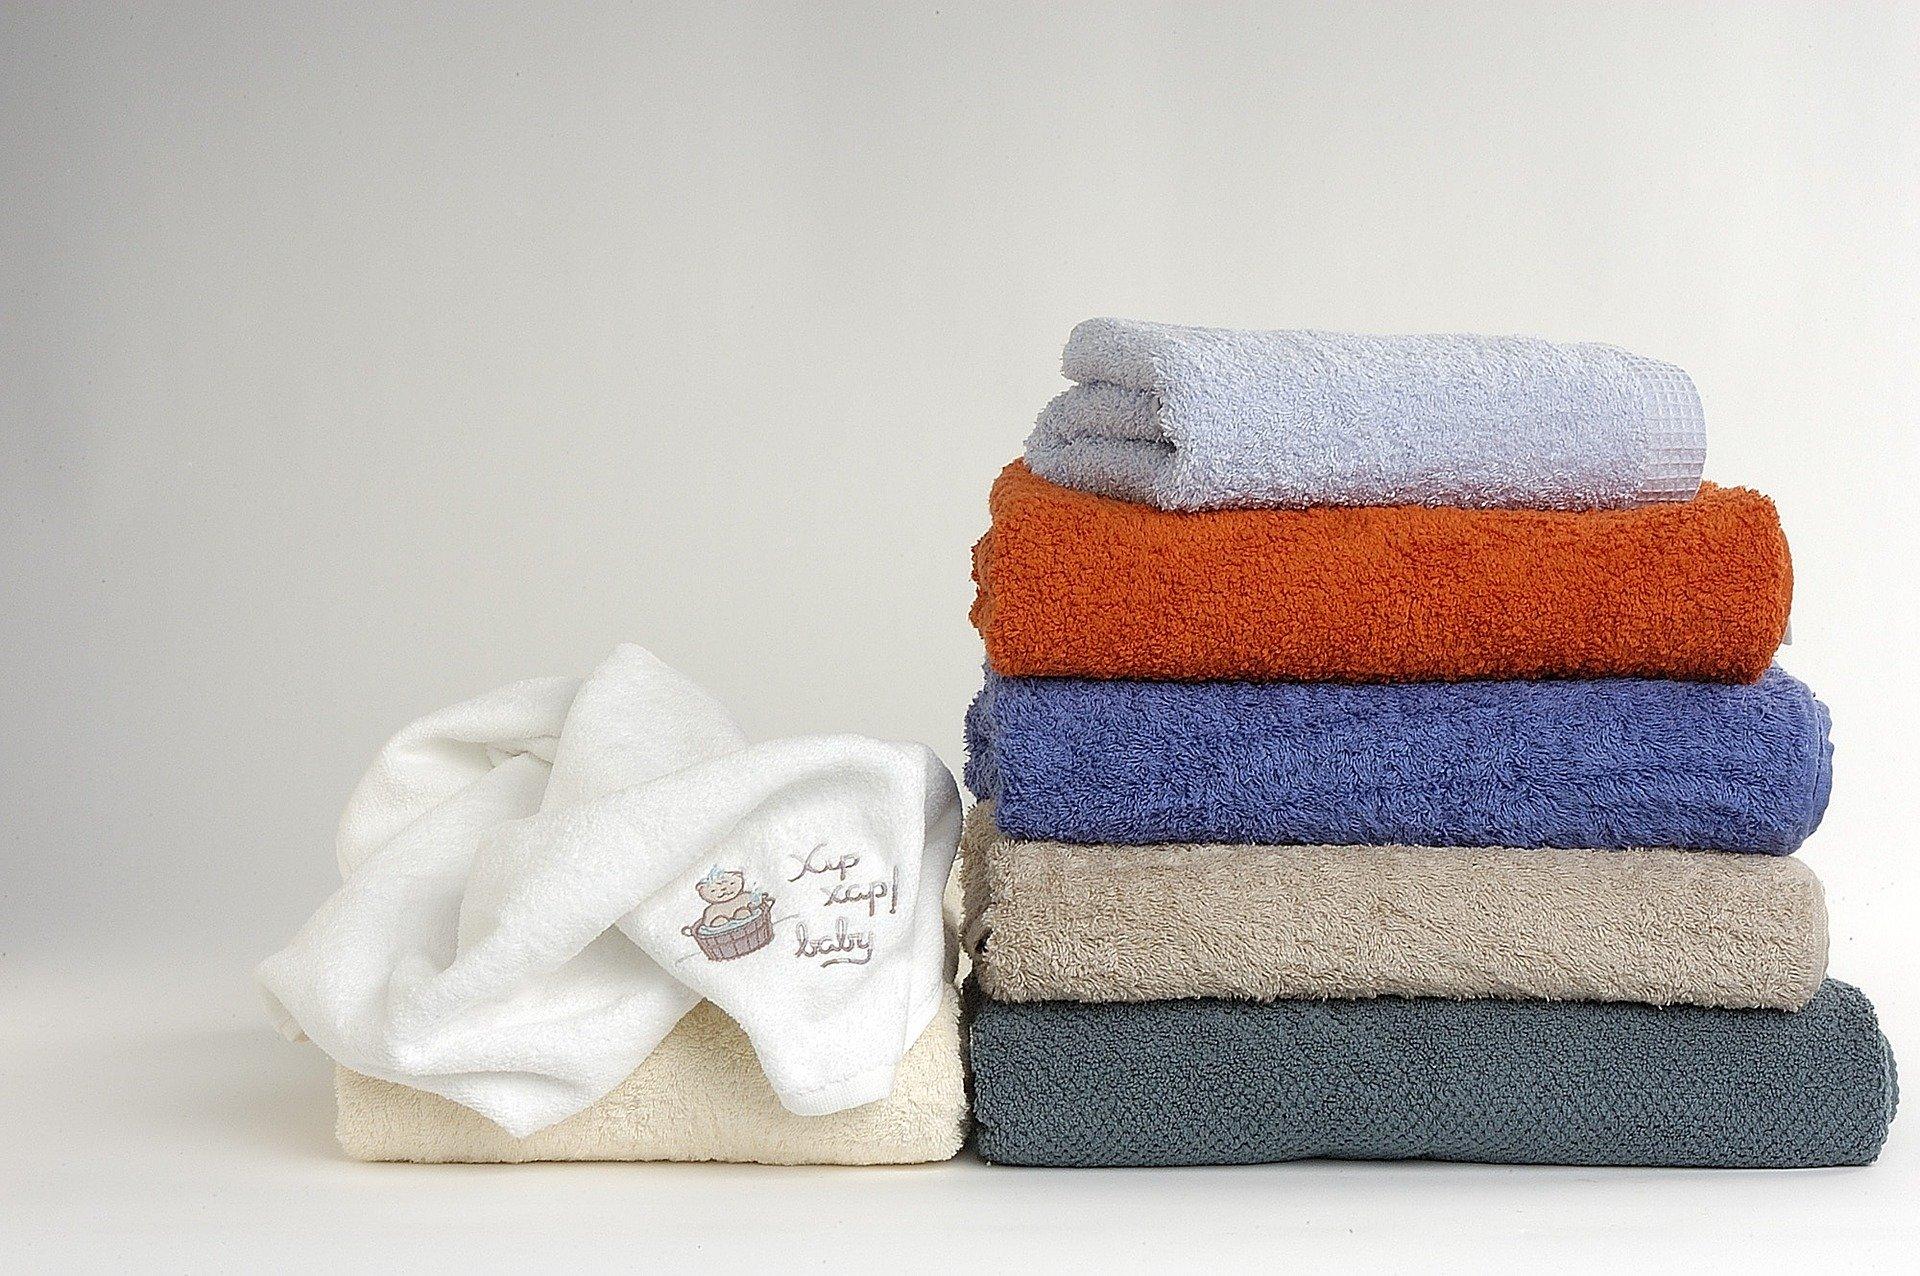 洗っても落ちない…タオルのイヤな臭いの原因と落とし方